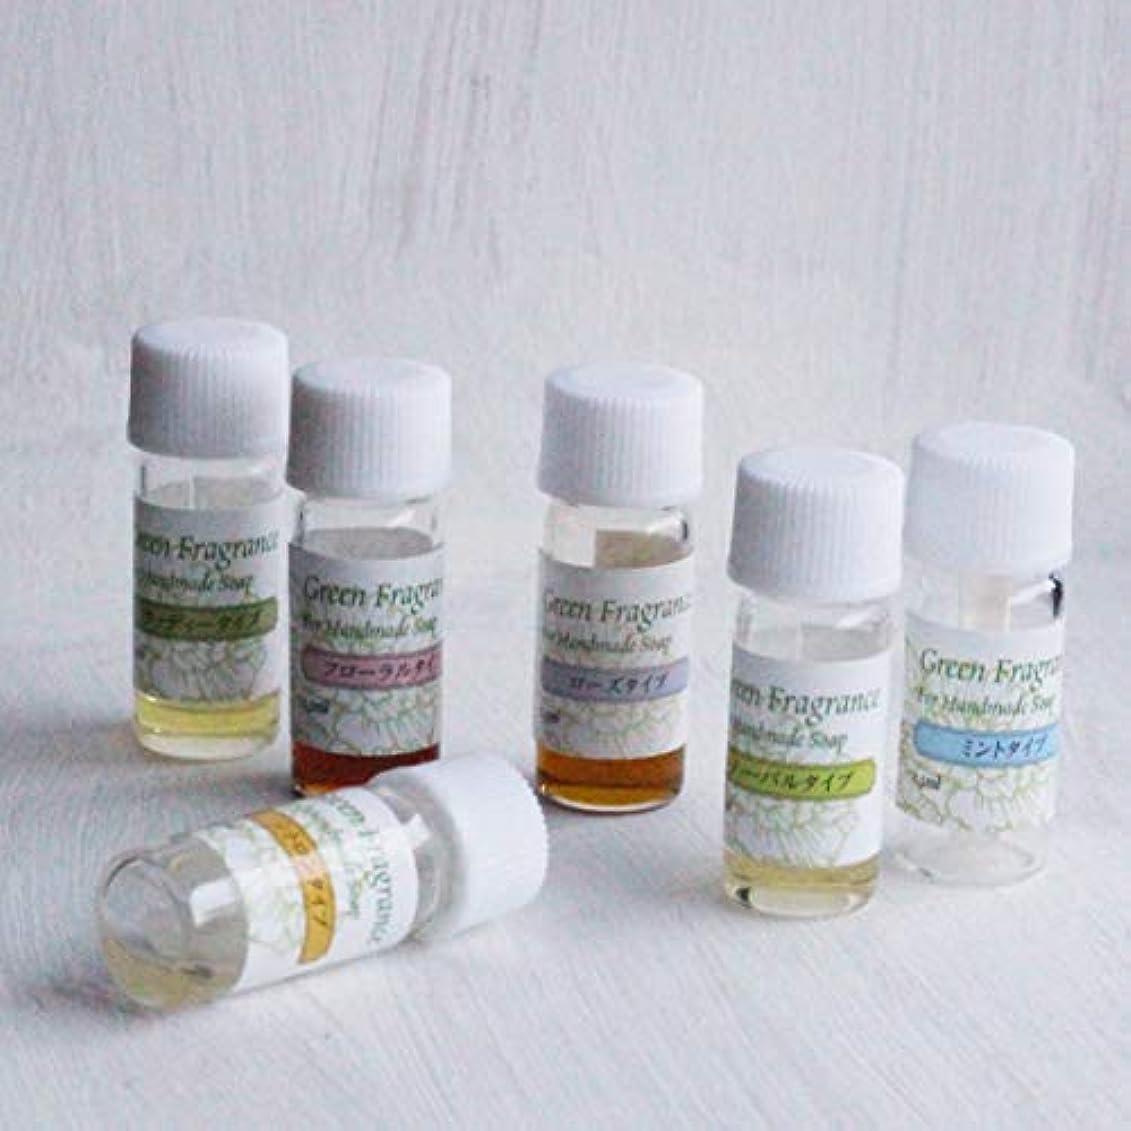 悪質な硫黄ベストブレンド精油/6本セット/手作り石けん用 2.5ml×6本/100%天然